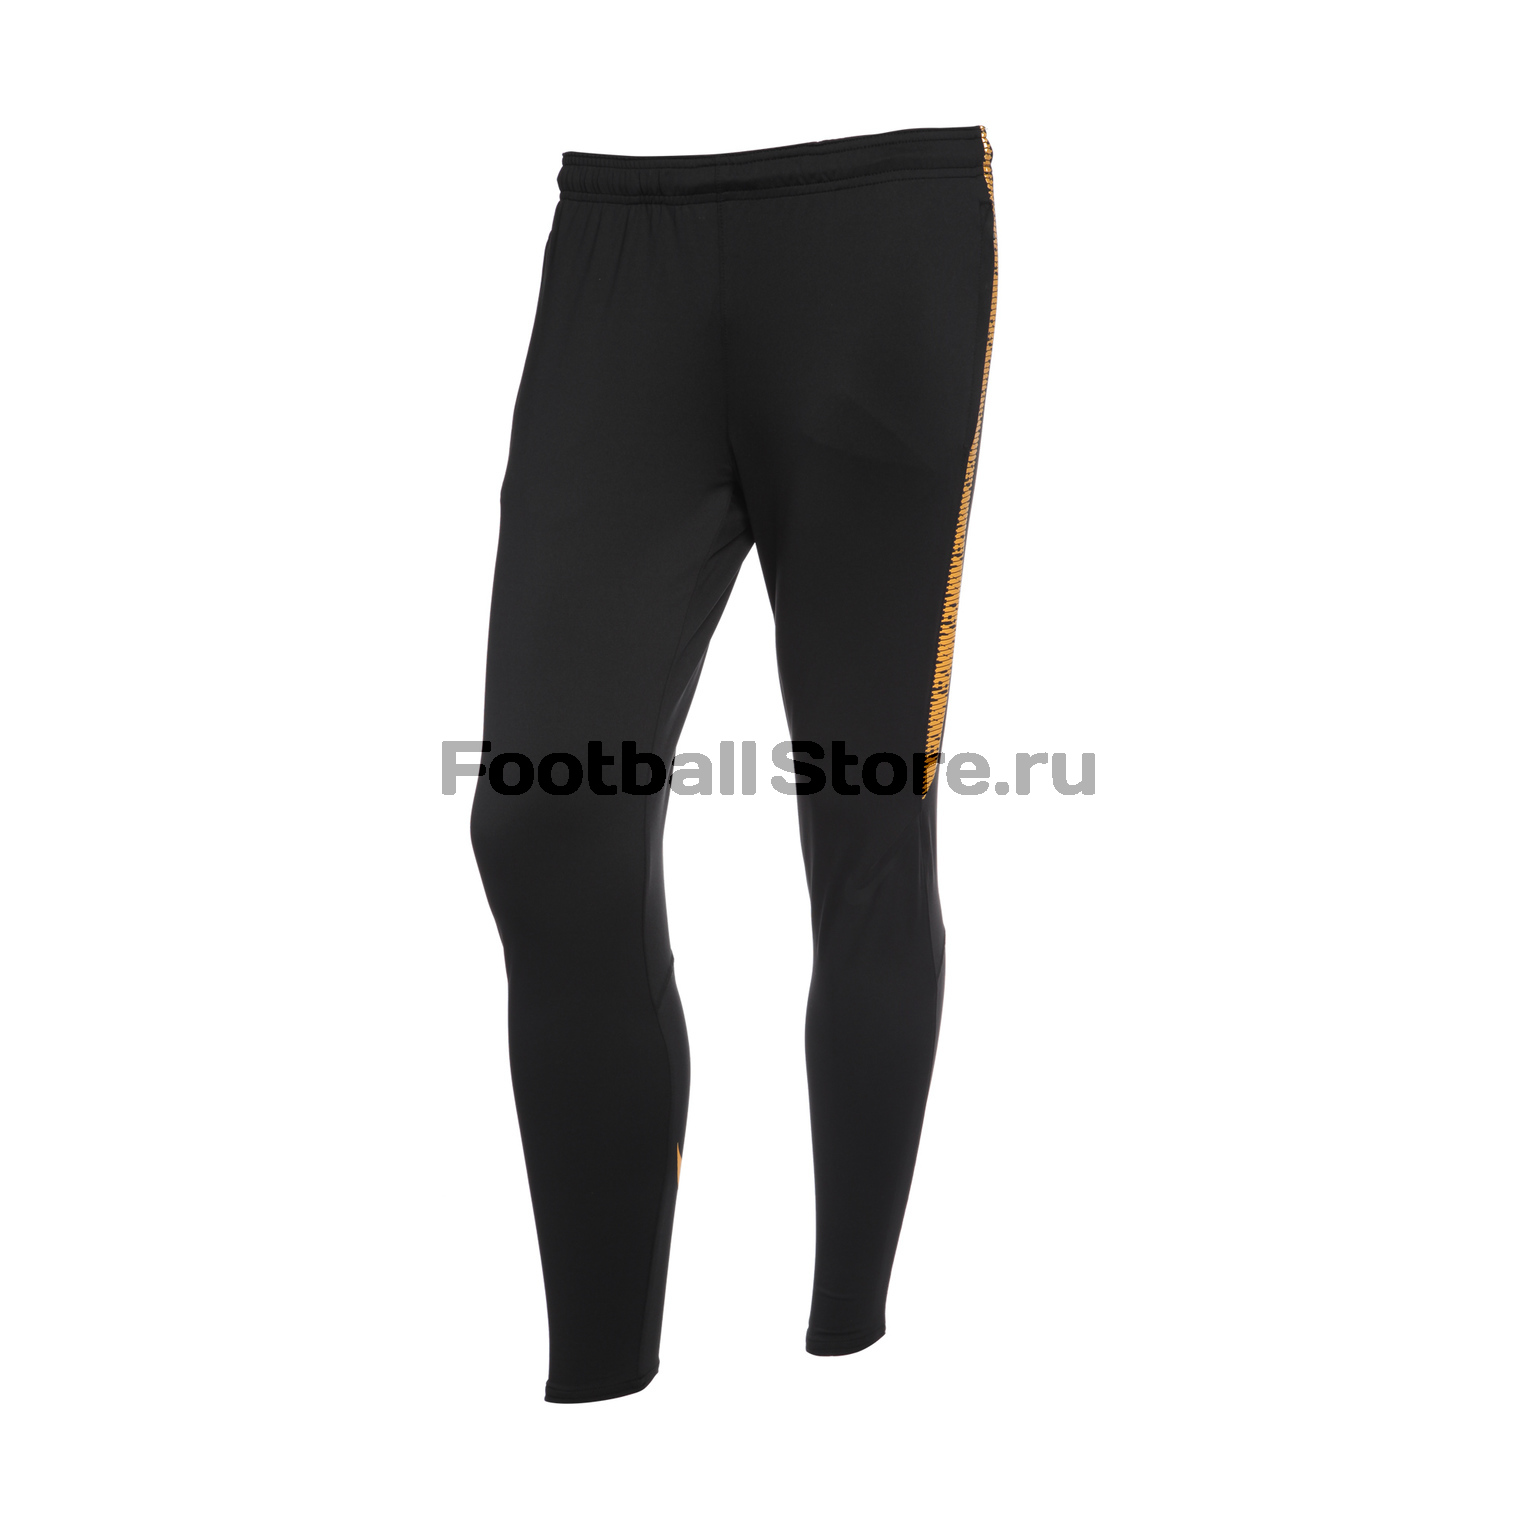 Брюки тренировочные Nike NK Dry Pant KP 859225-013